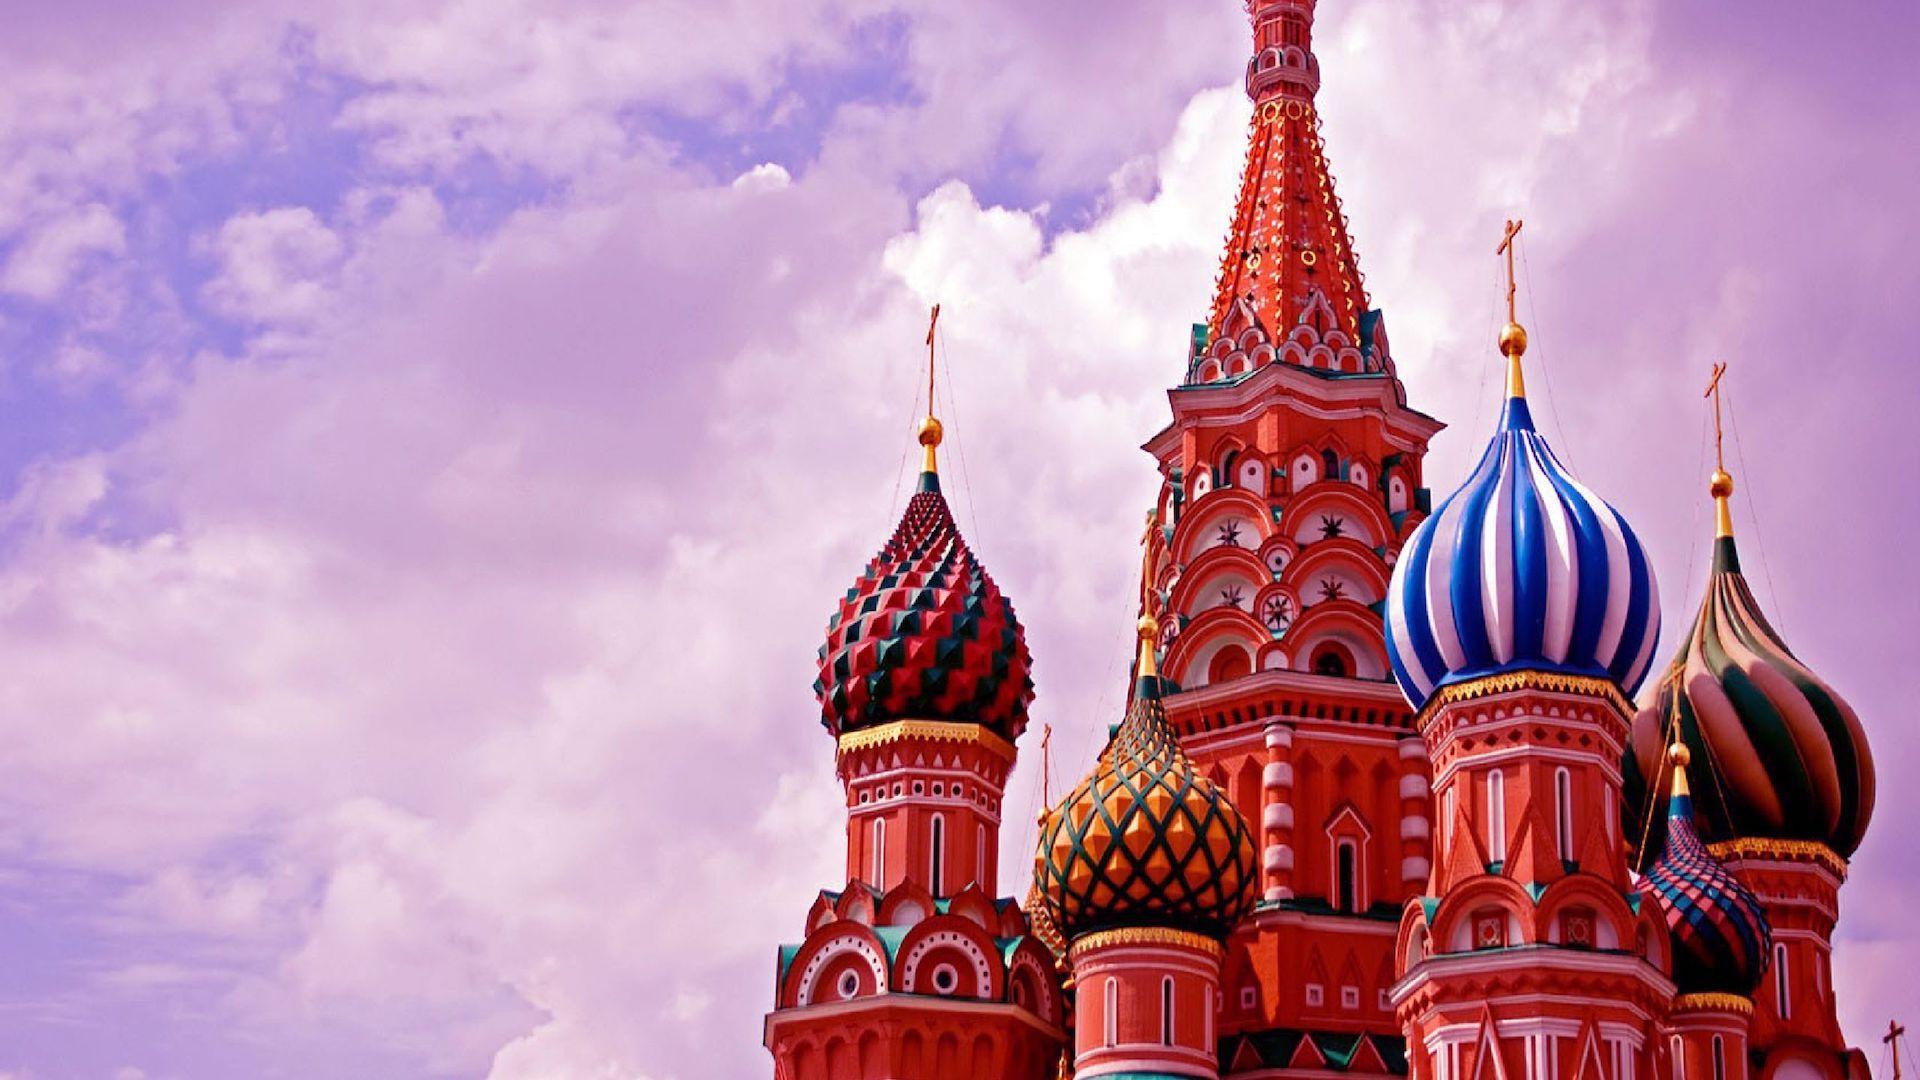 Consejos para viajar al Mundial Rusia 2018: qué moneda usar, precios para comer, transporte y más